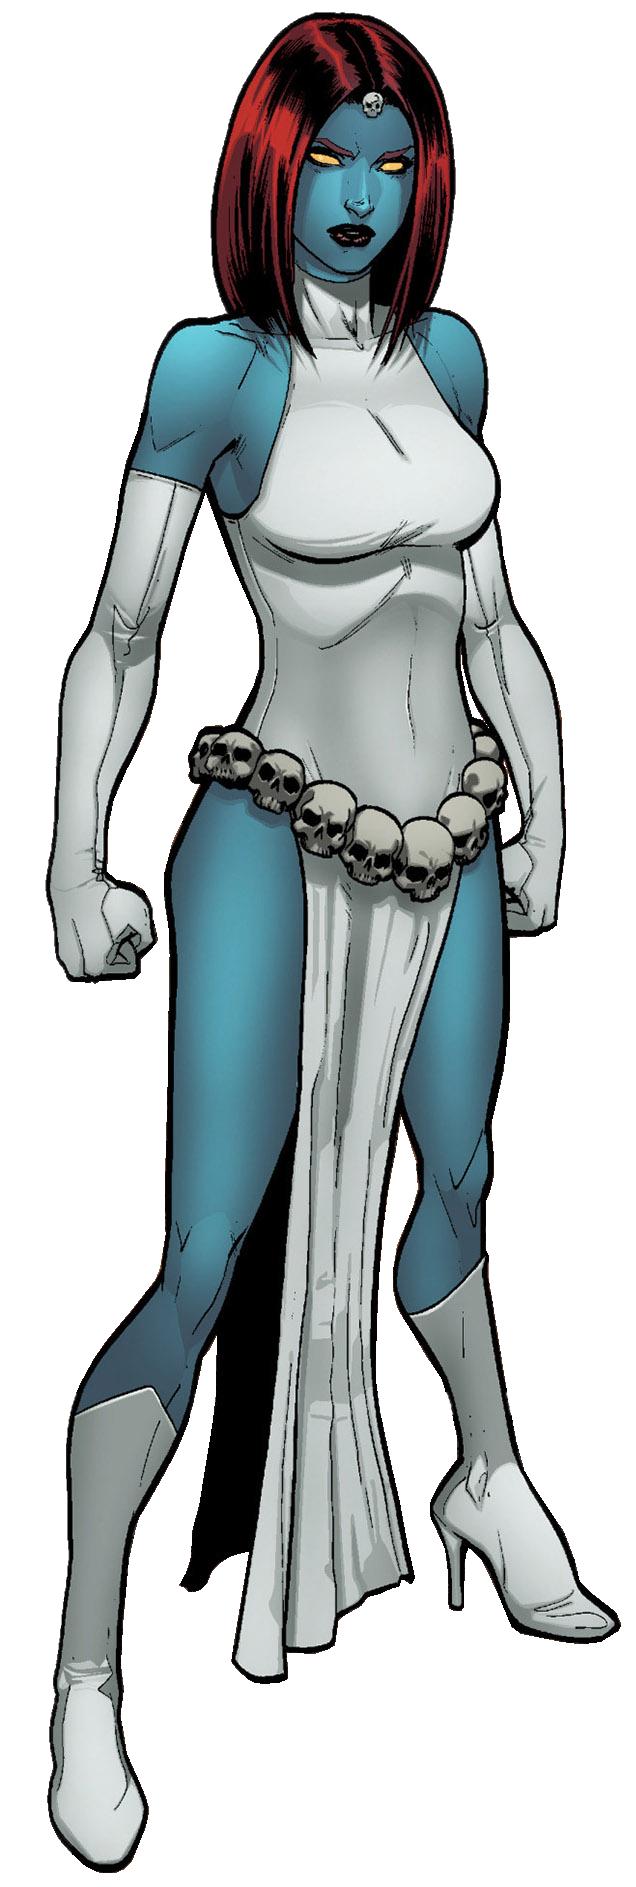 Mystique PNG Image